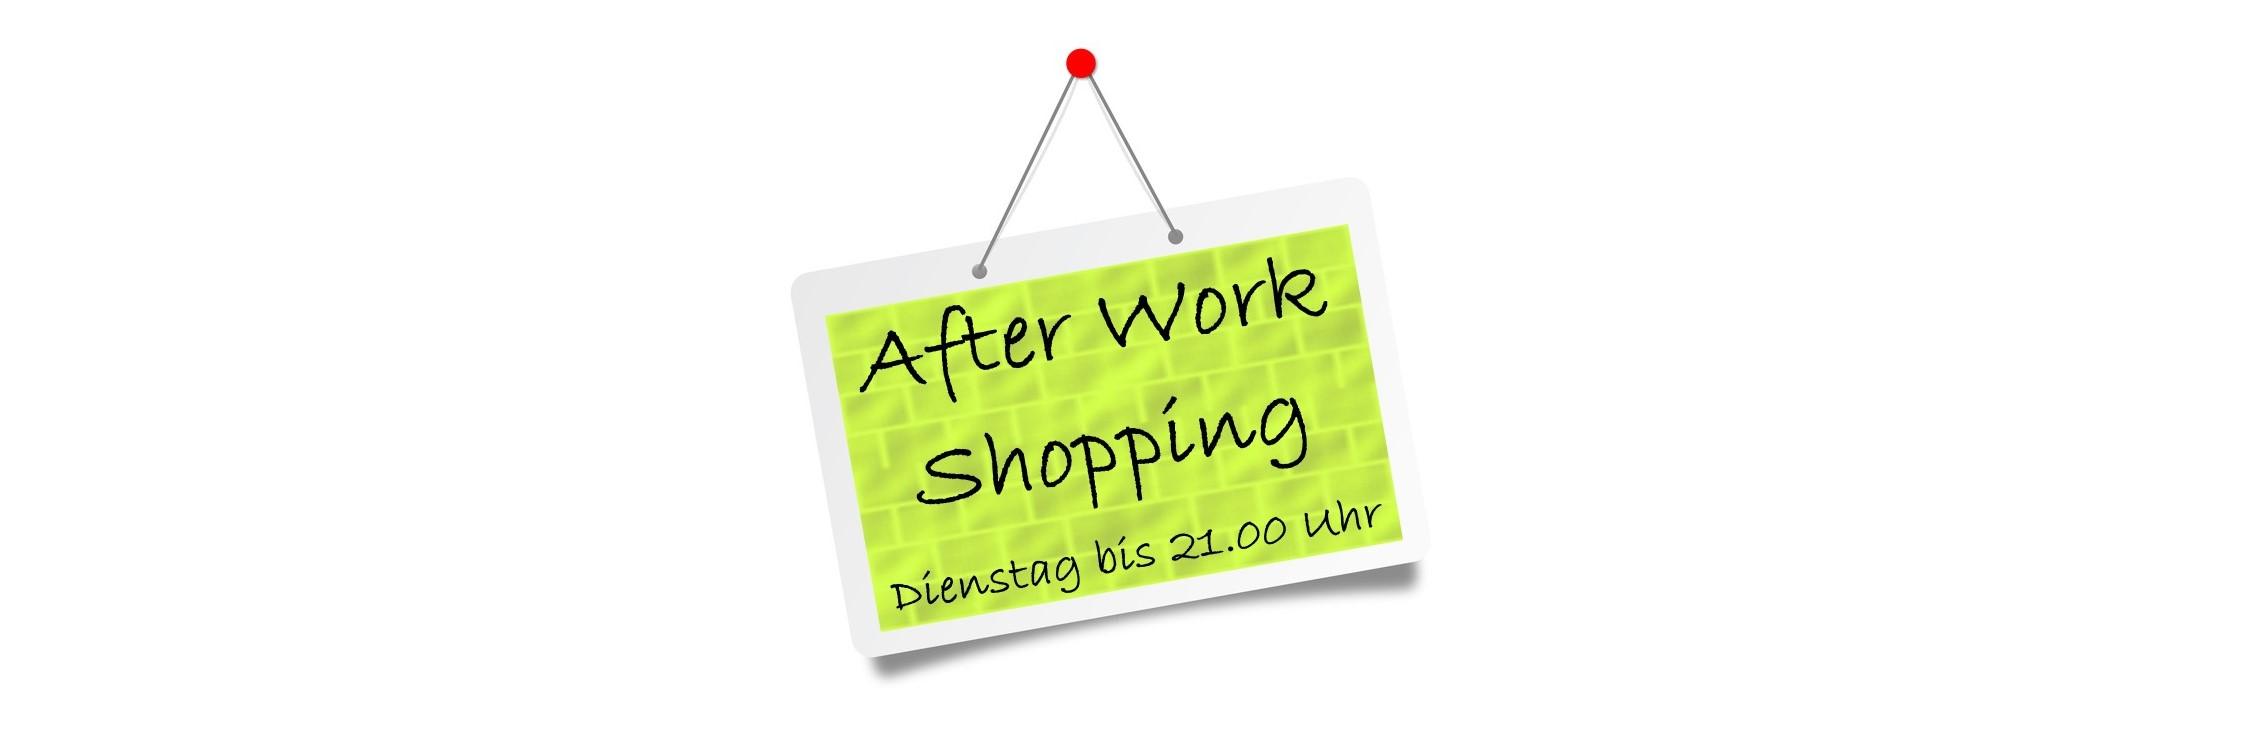 After Work Shopping am Dienstagabend